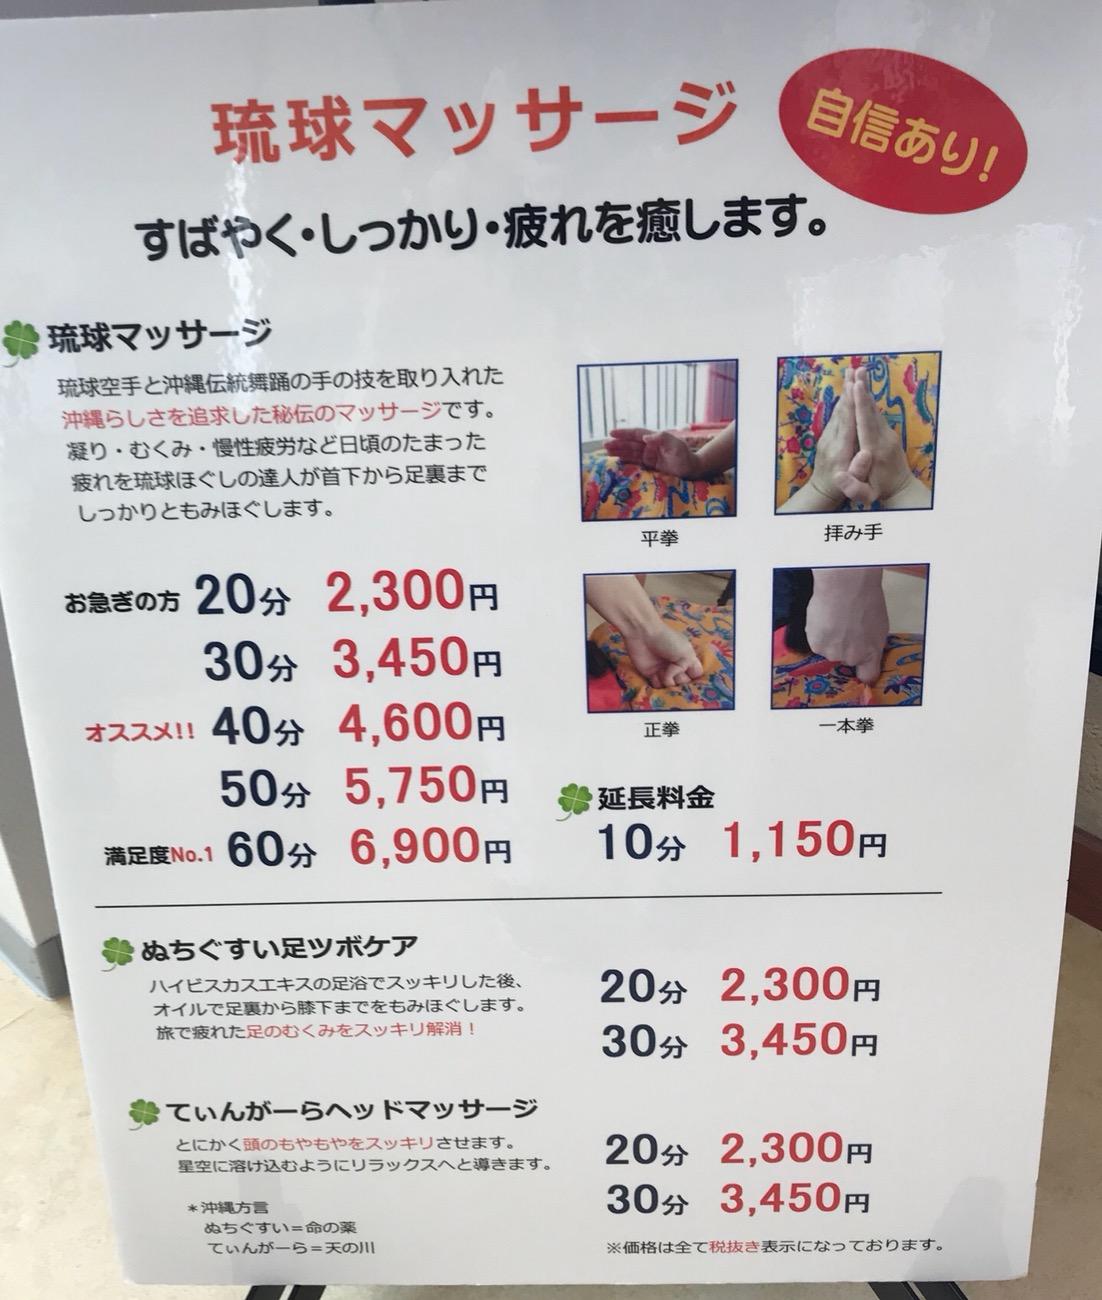 石垣空港マッサージ 琉球マッサージパ・ナン